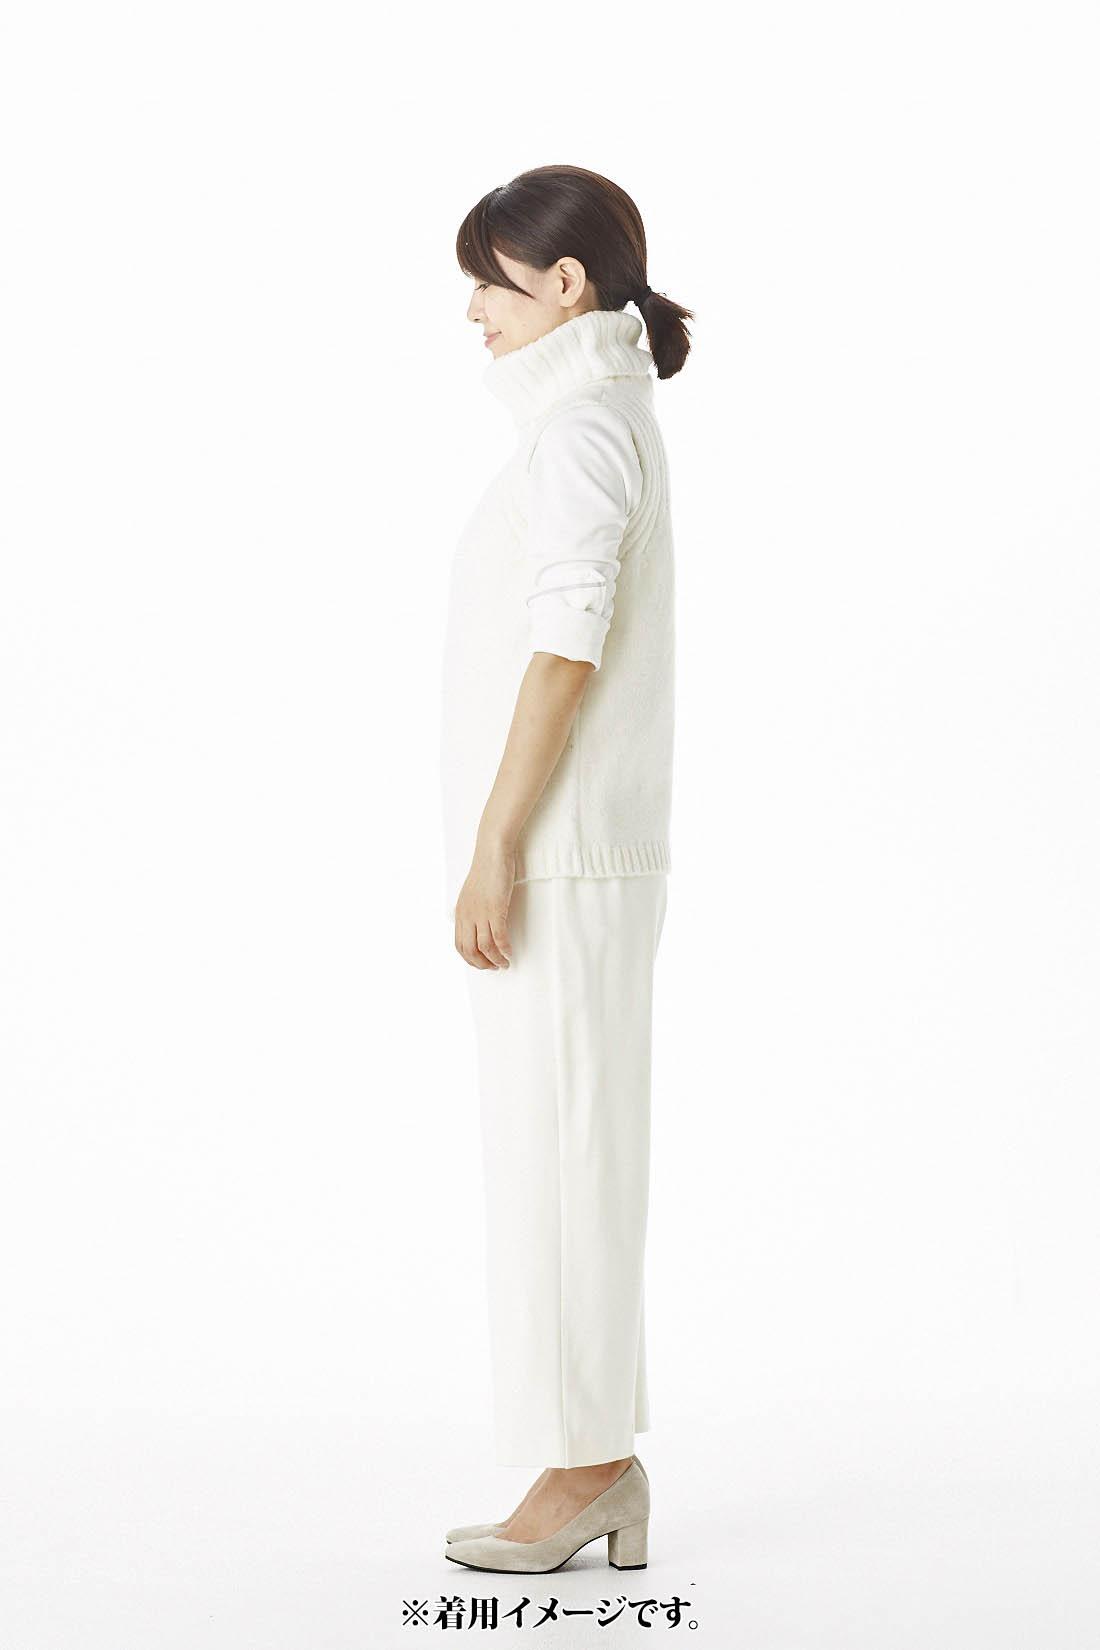 [スタッフ着用]身長158cm トップス:Mサイズ ボトムス:Mサイズ着用